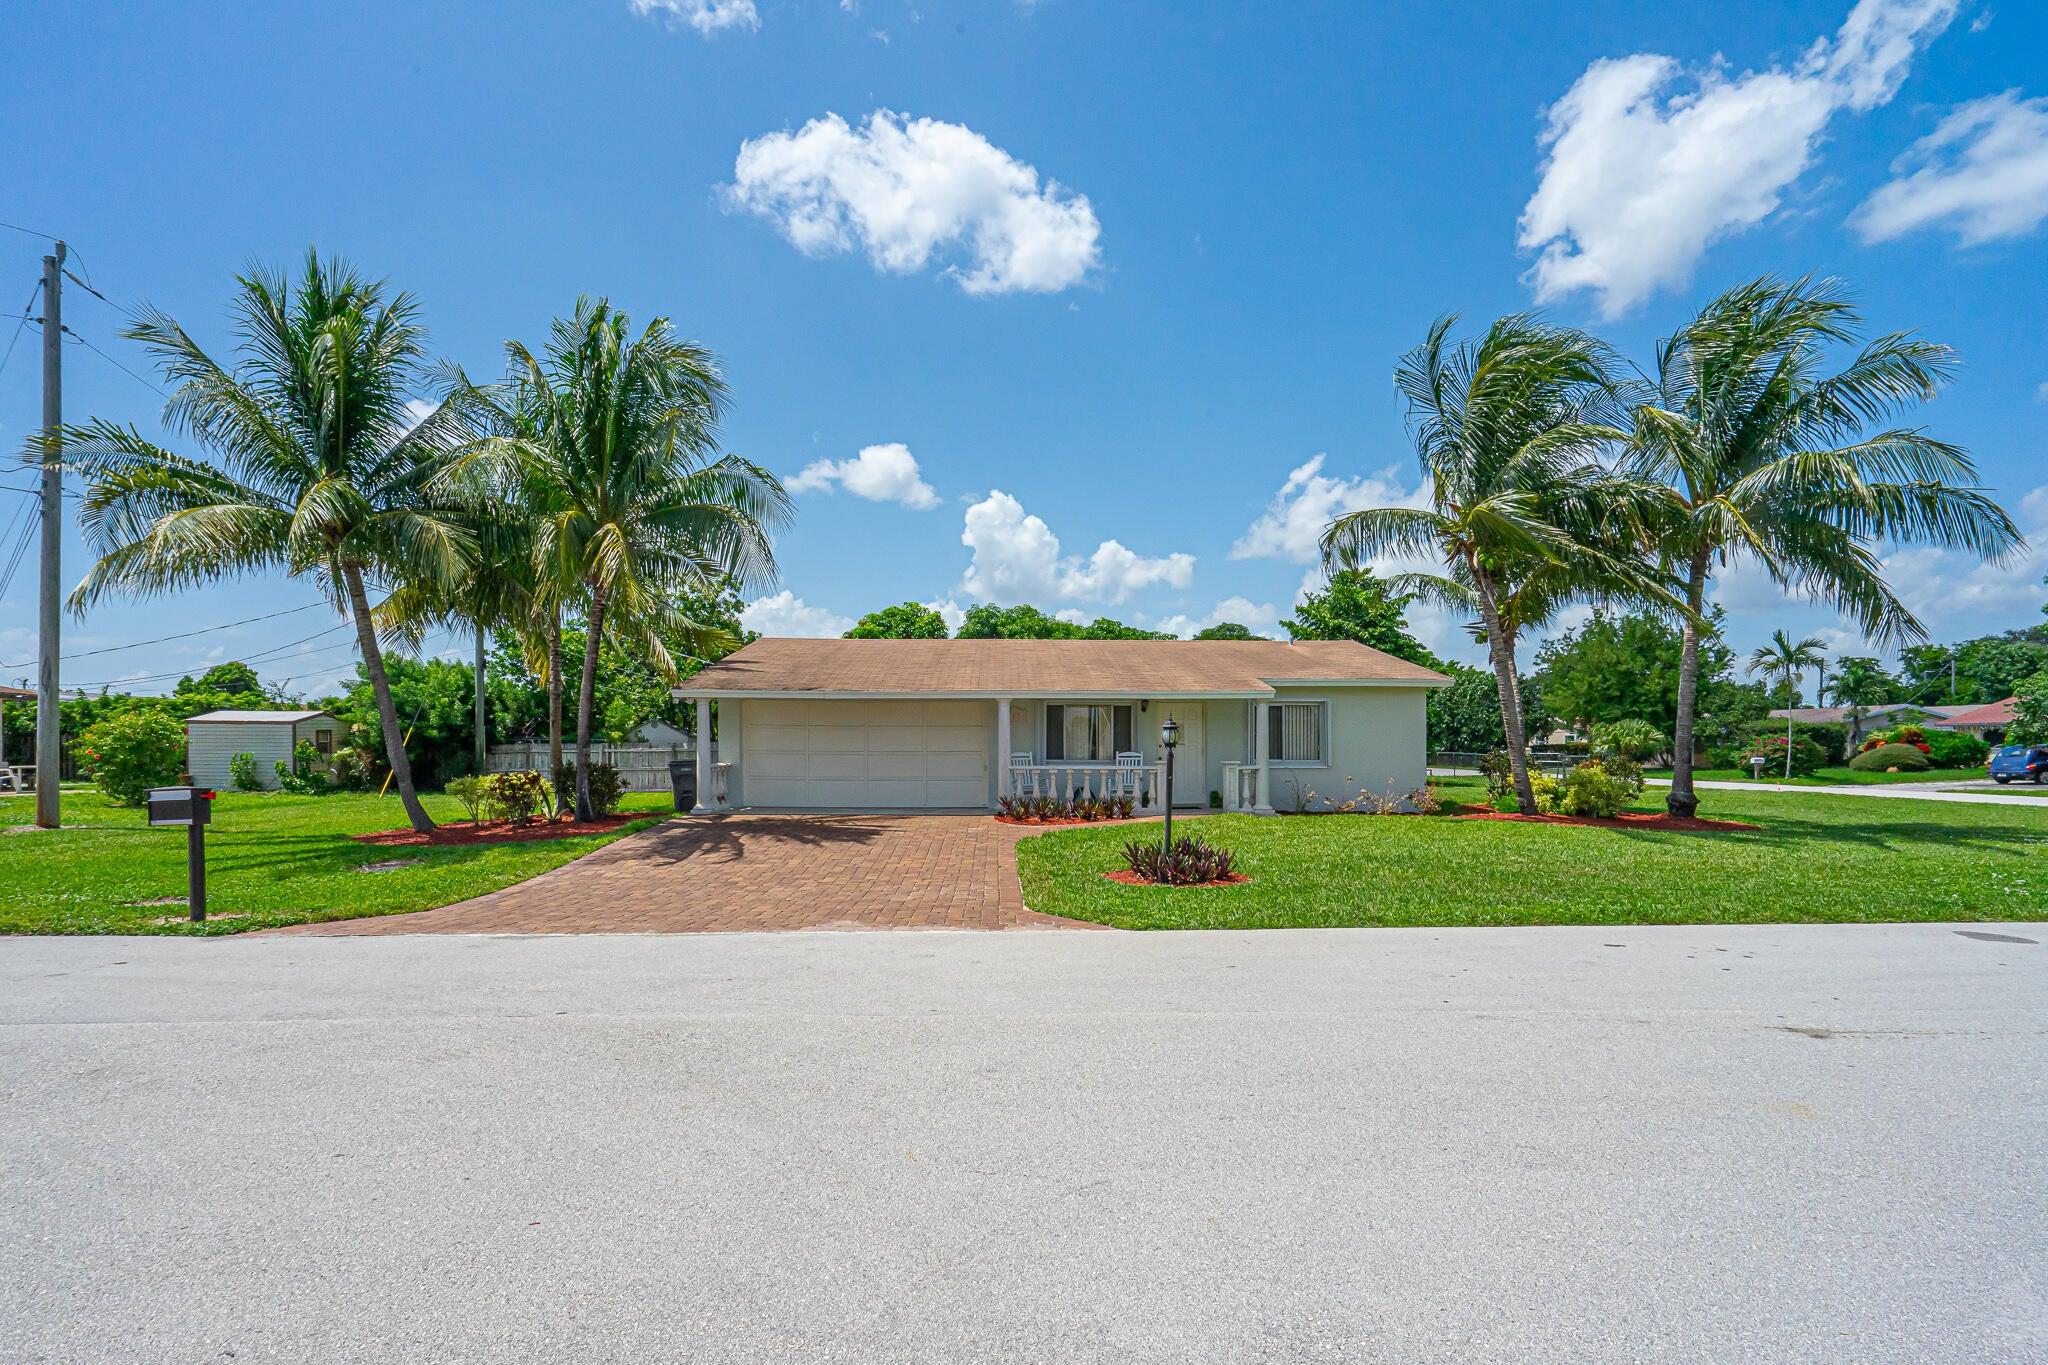 797 Flamango Court W, West Palm Beach, FL 33406